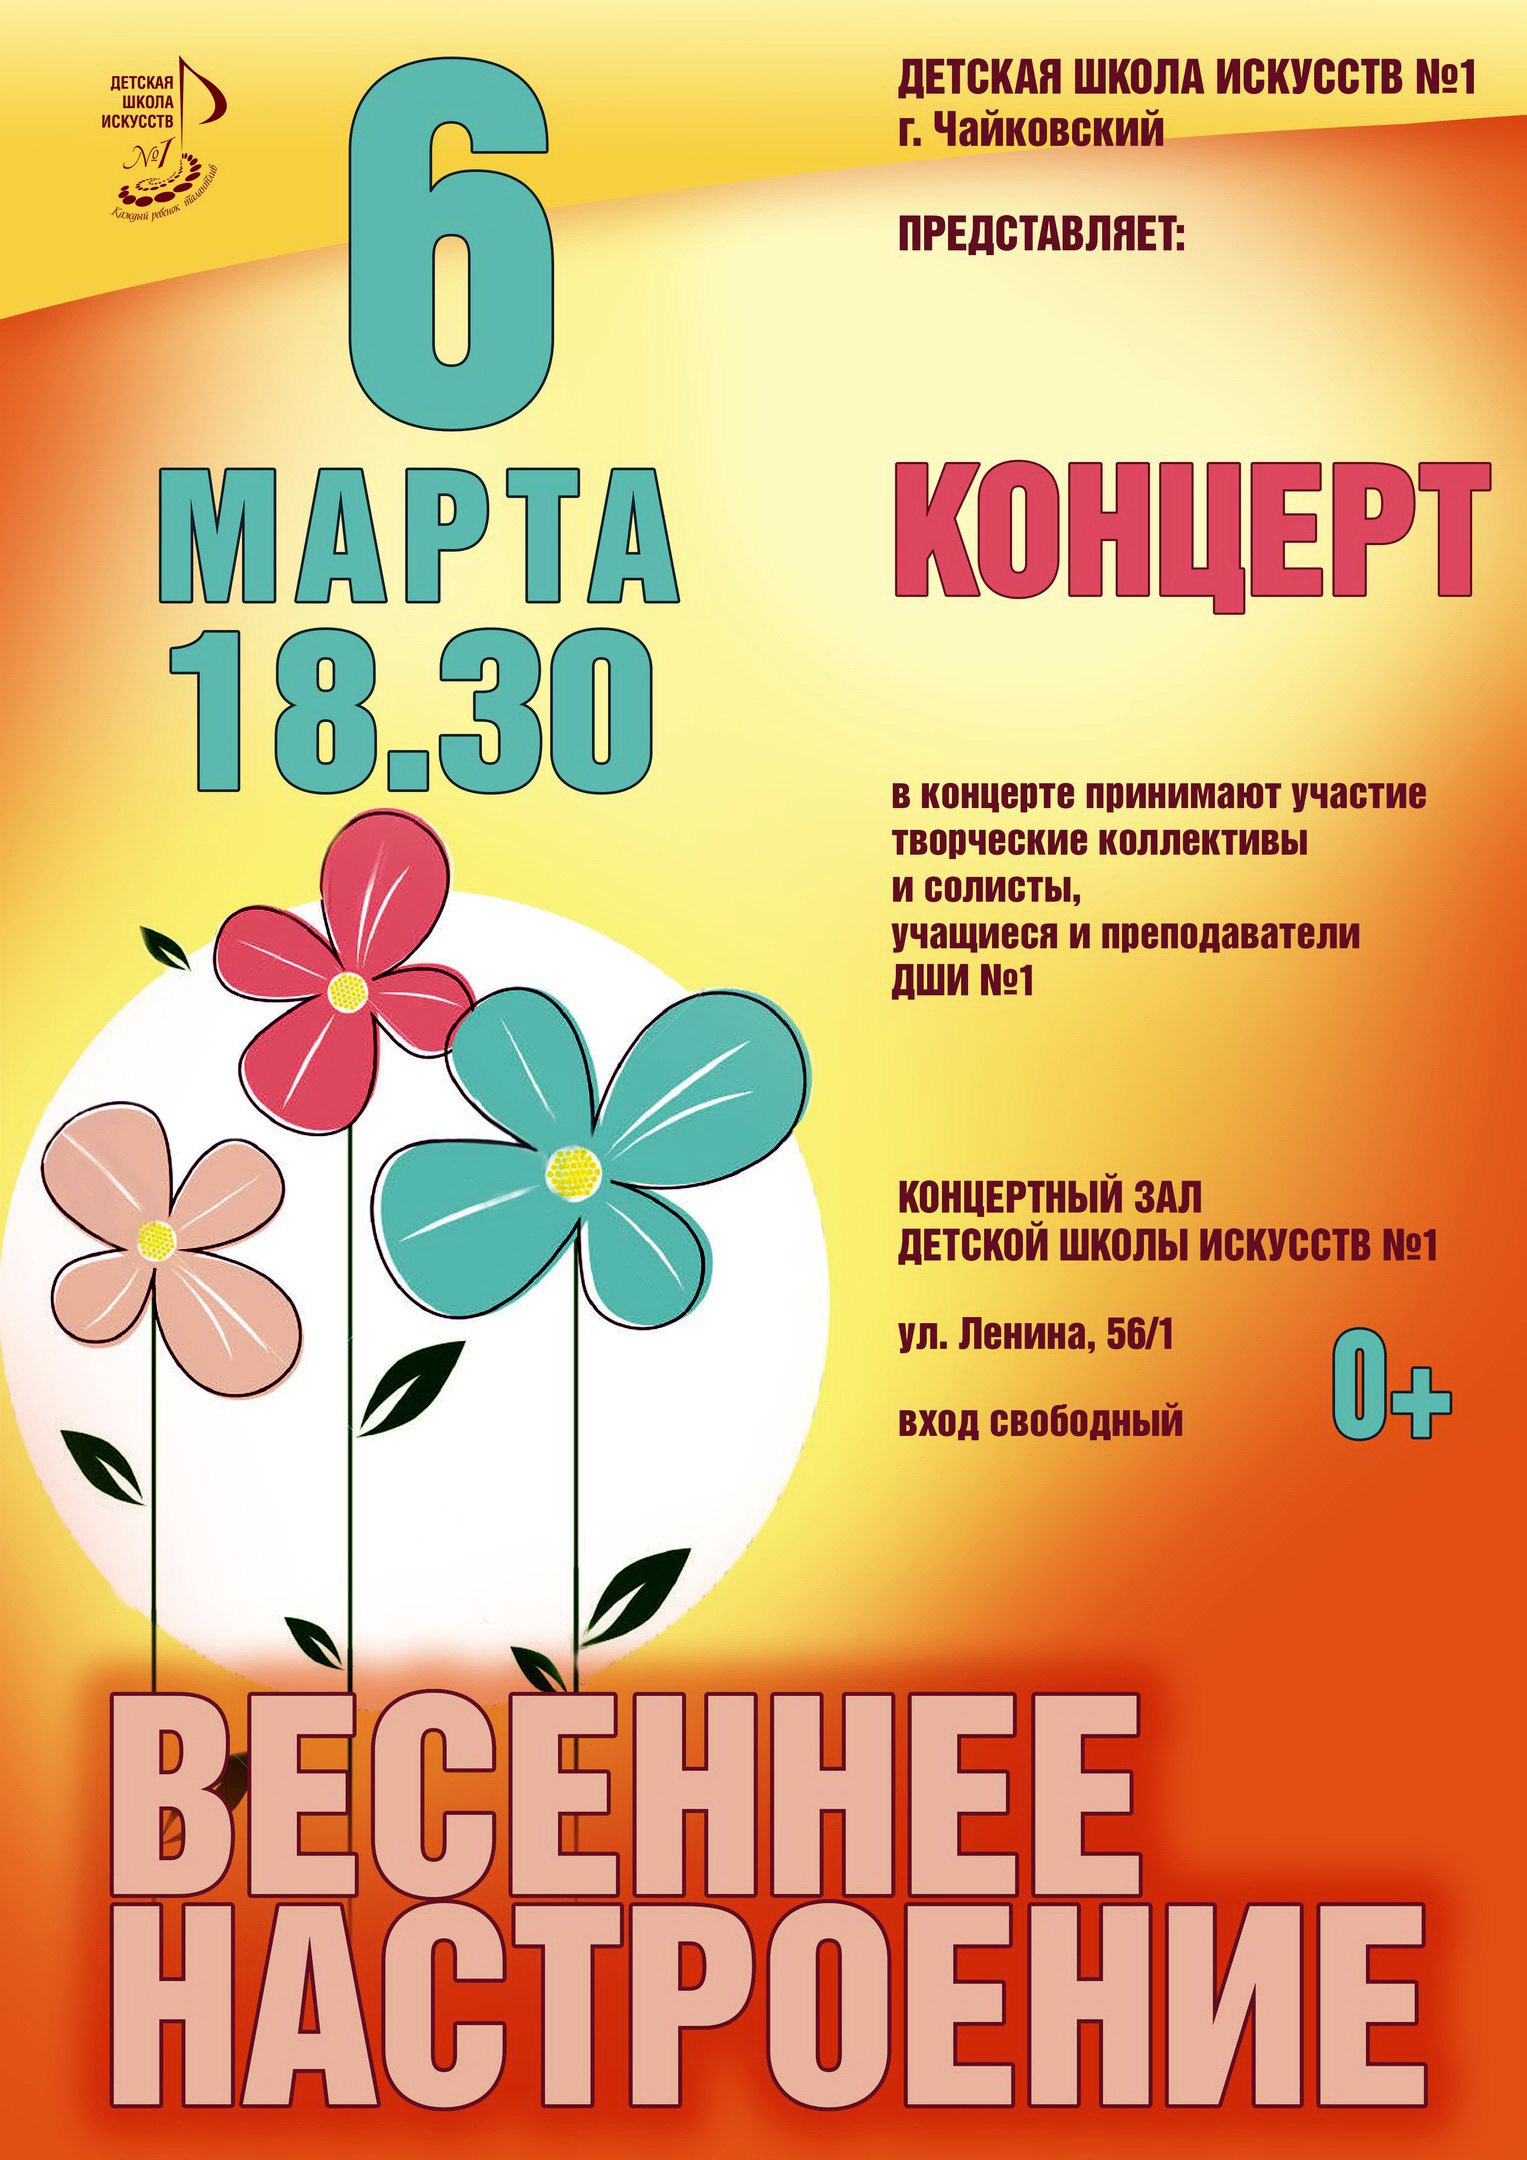 афиша, 8 марта, Чайковский, 2018 год